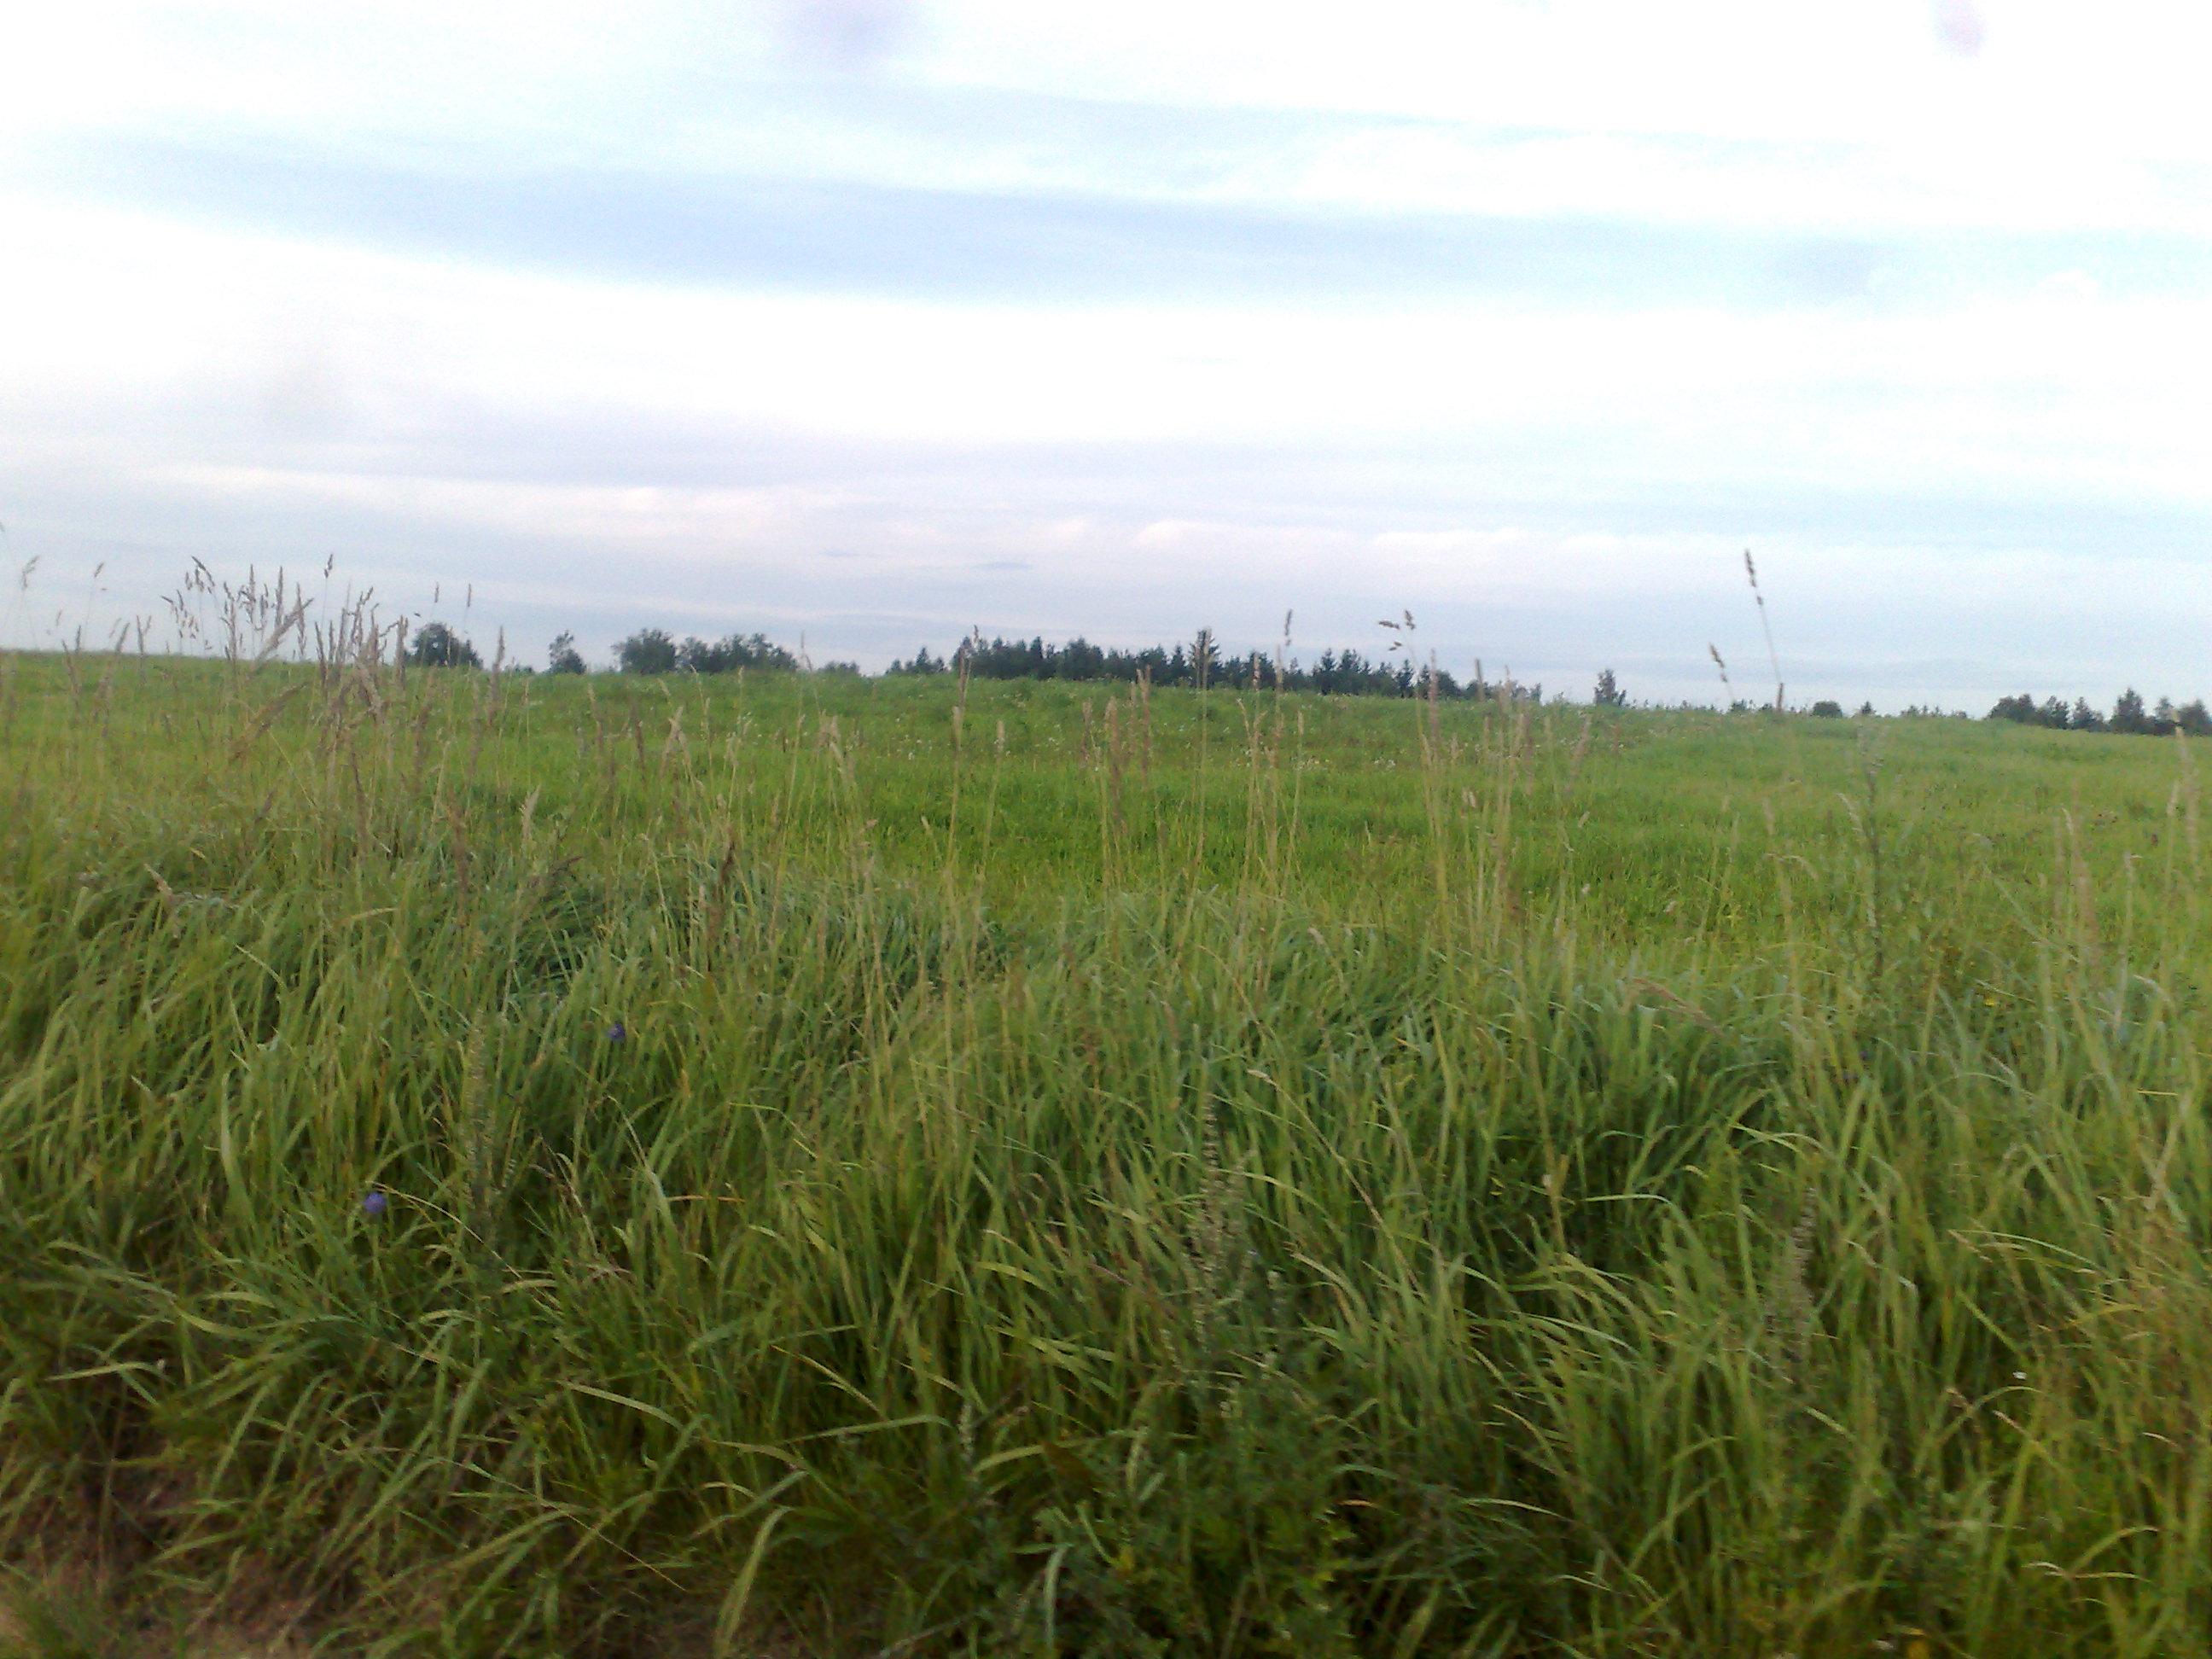 Vente terrain agricole vecpiebalga c sis lettonie for Construire une maison sur un terrain agricole